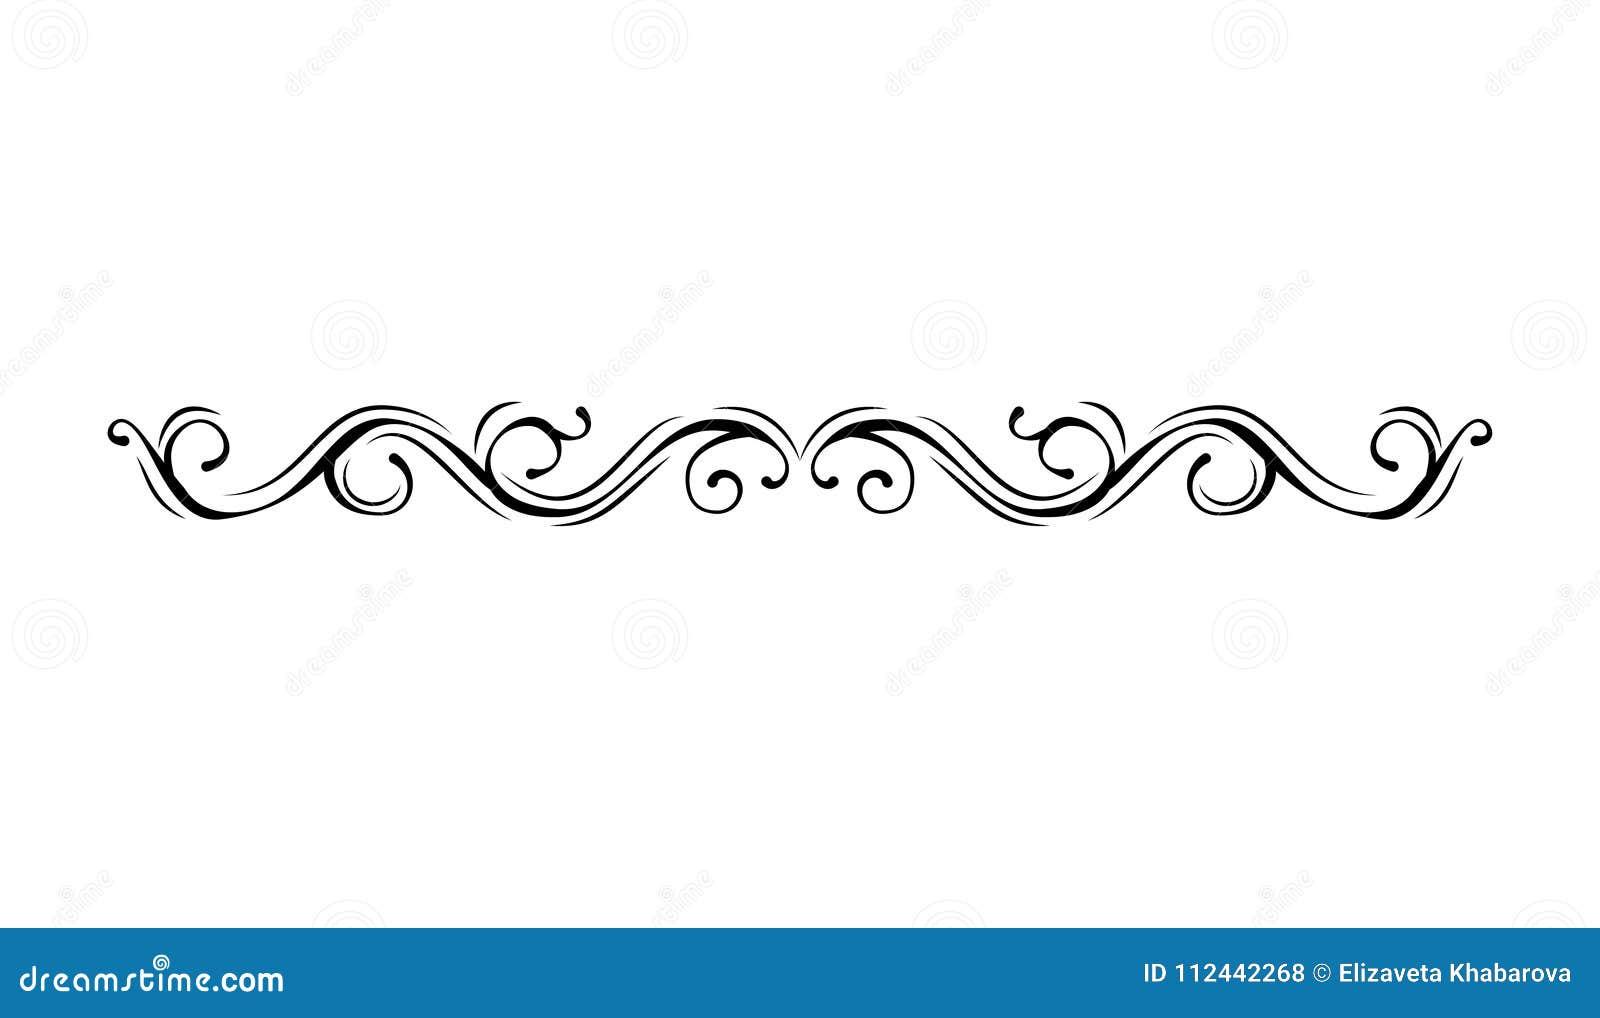 border vintage filigree frame scroll ornament engraving